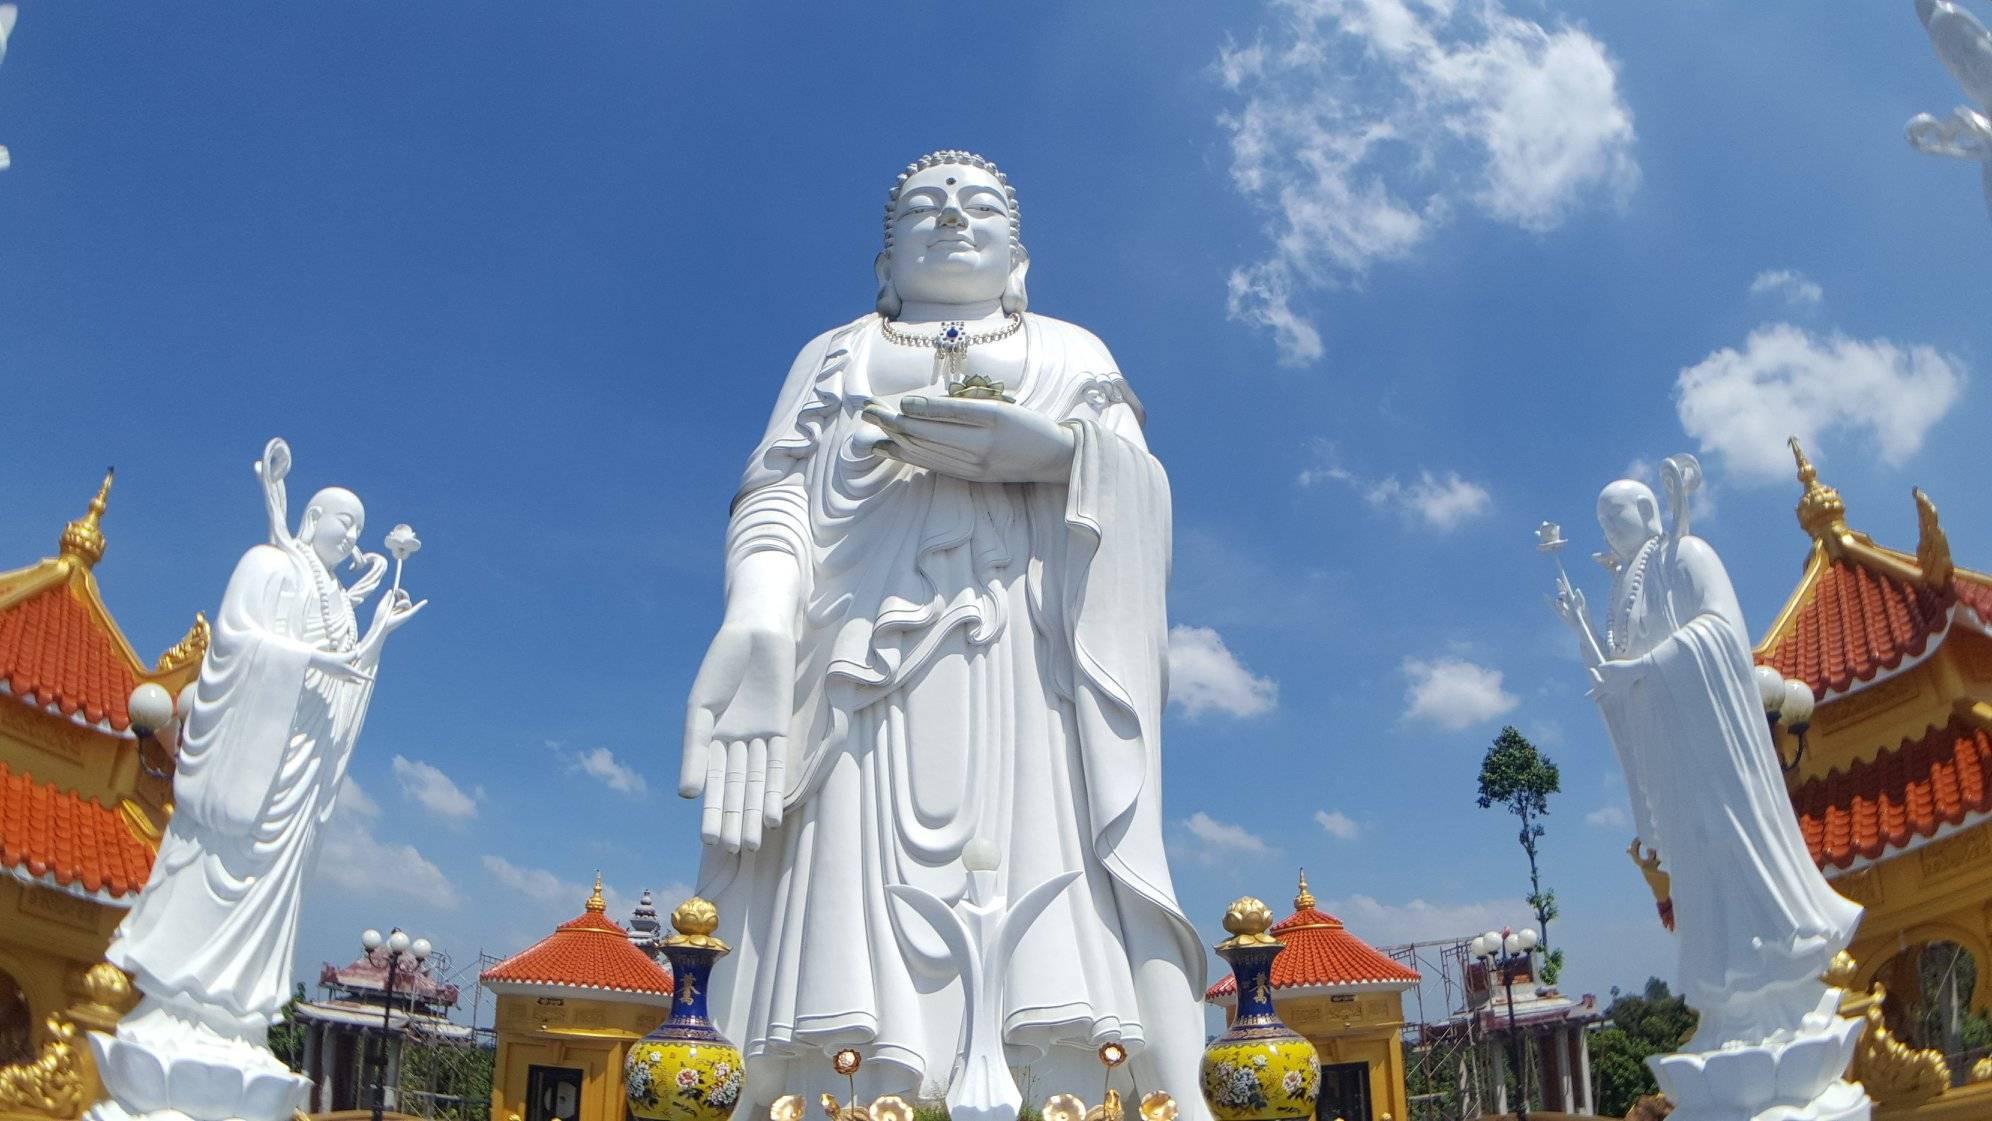 Bức tượng Đức Phật đứng sừng sững giữa trời xanh